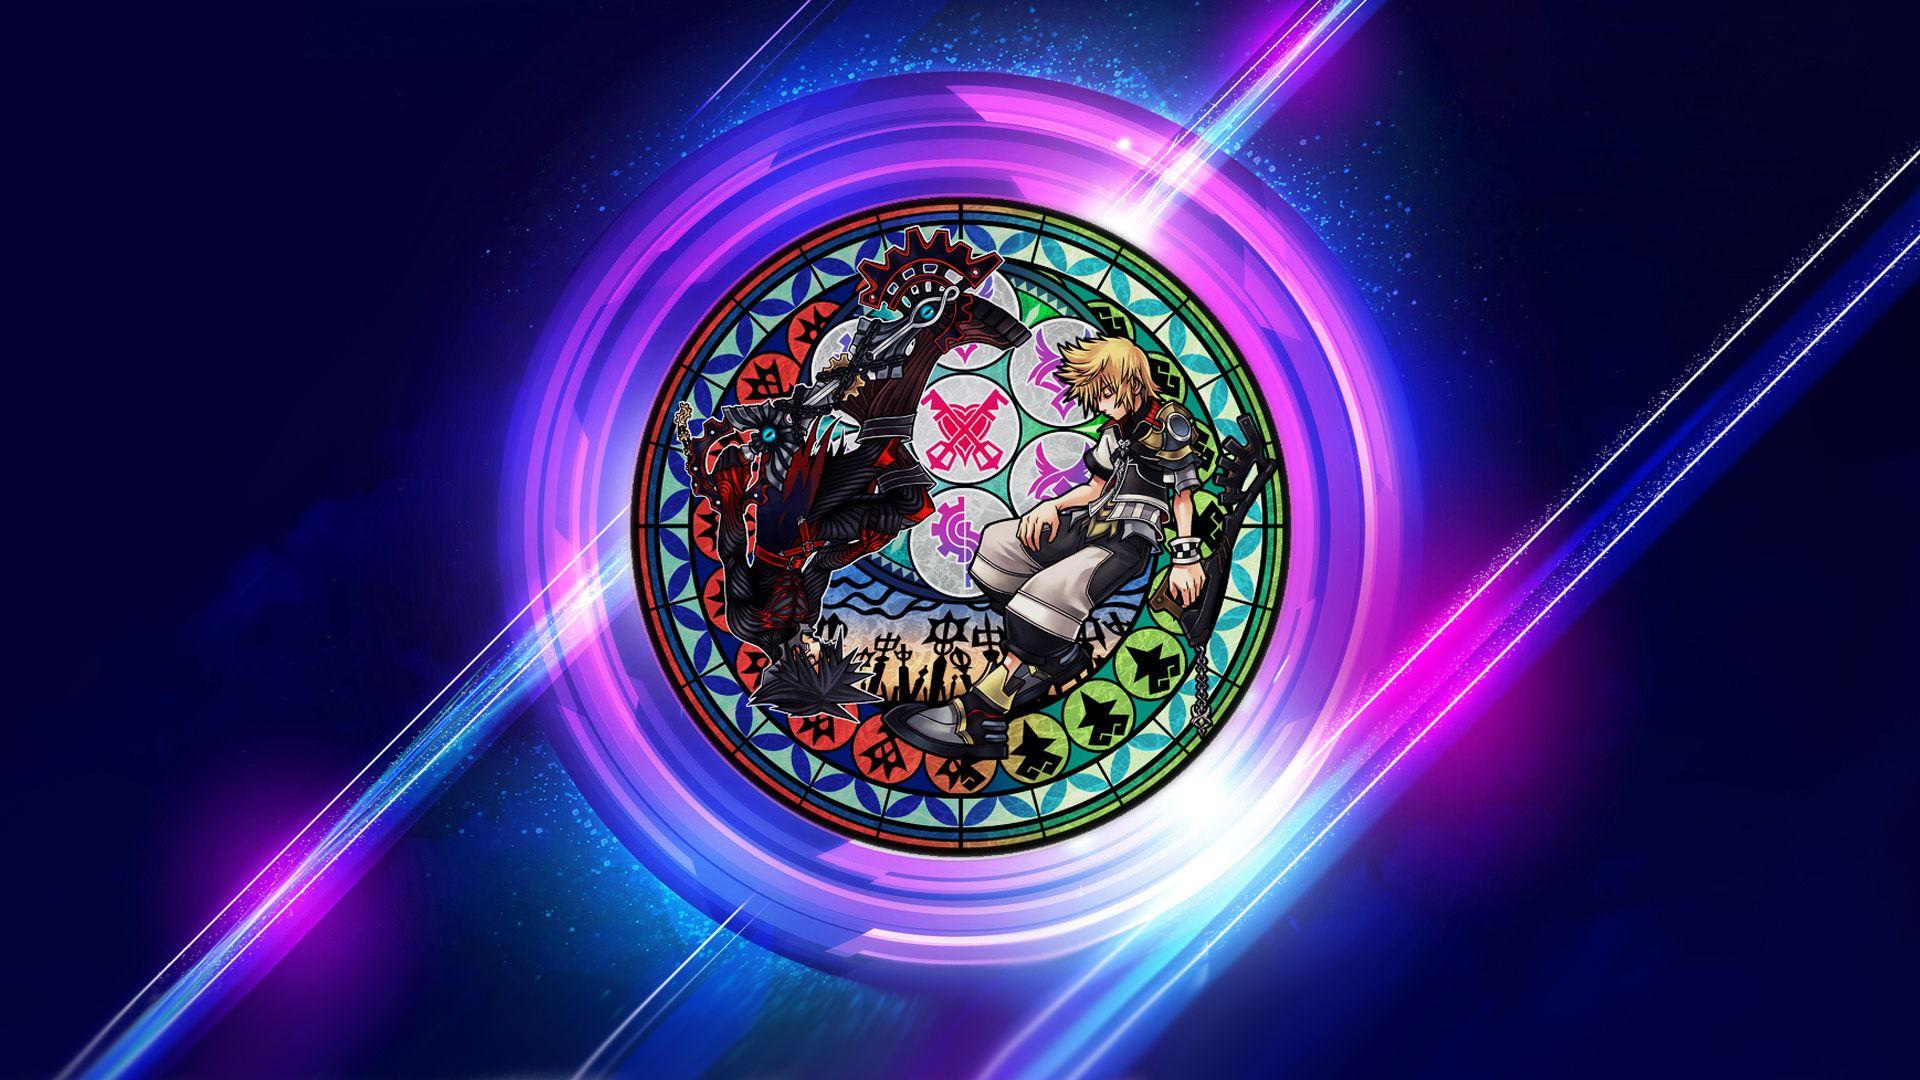 Fantastic Wallpaper Mac Kingdom Hearts - ffd2b934aa156fde34d6e80e8c7b2fb7  Trends_161965.jpg